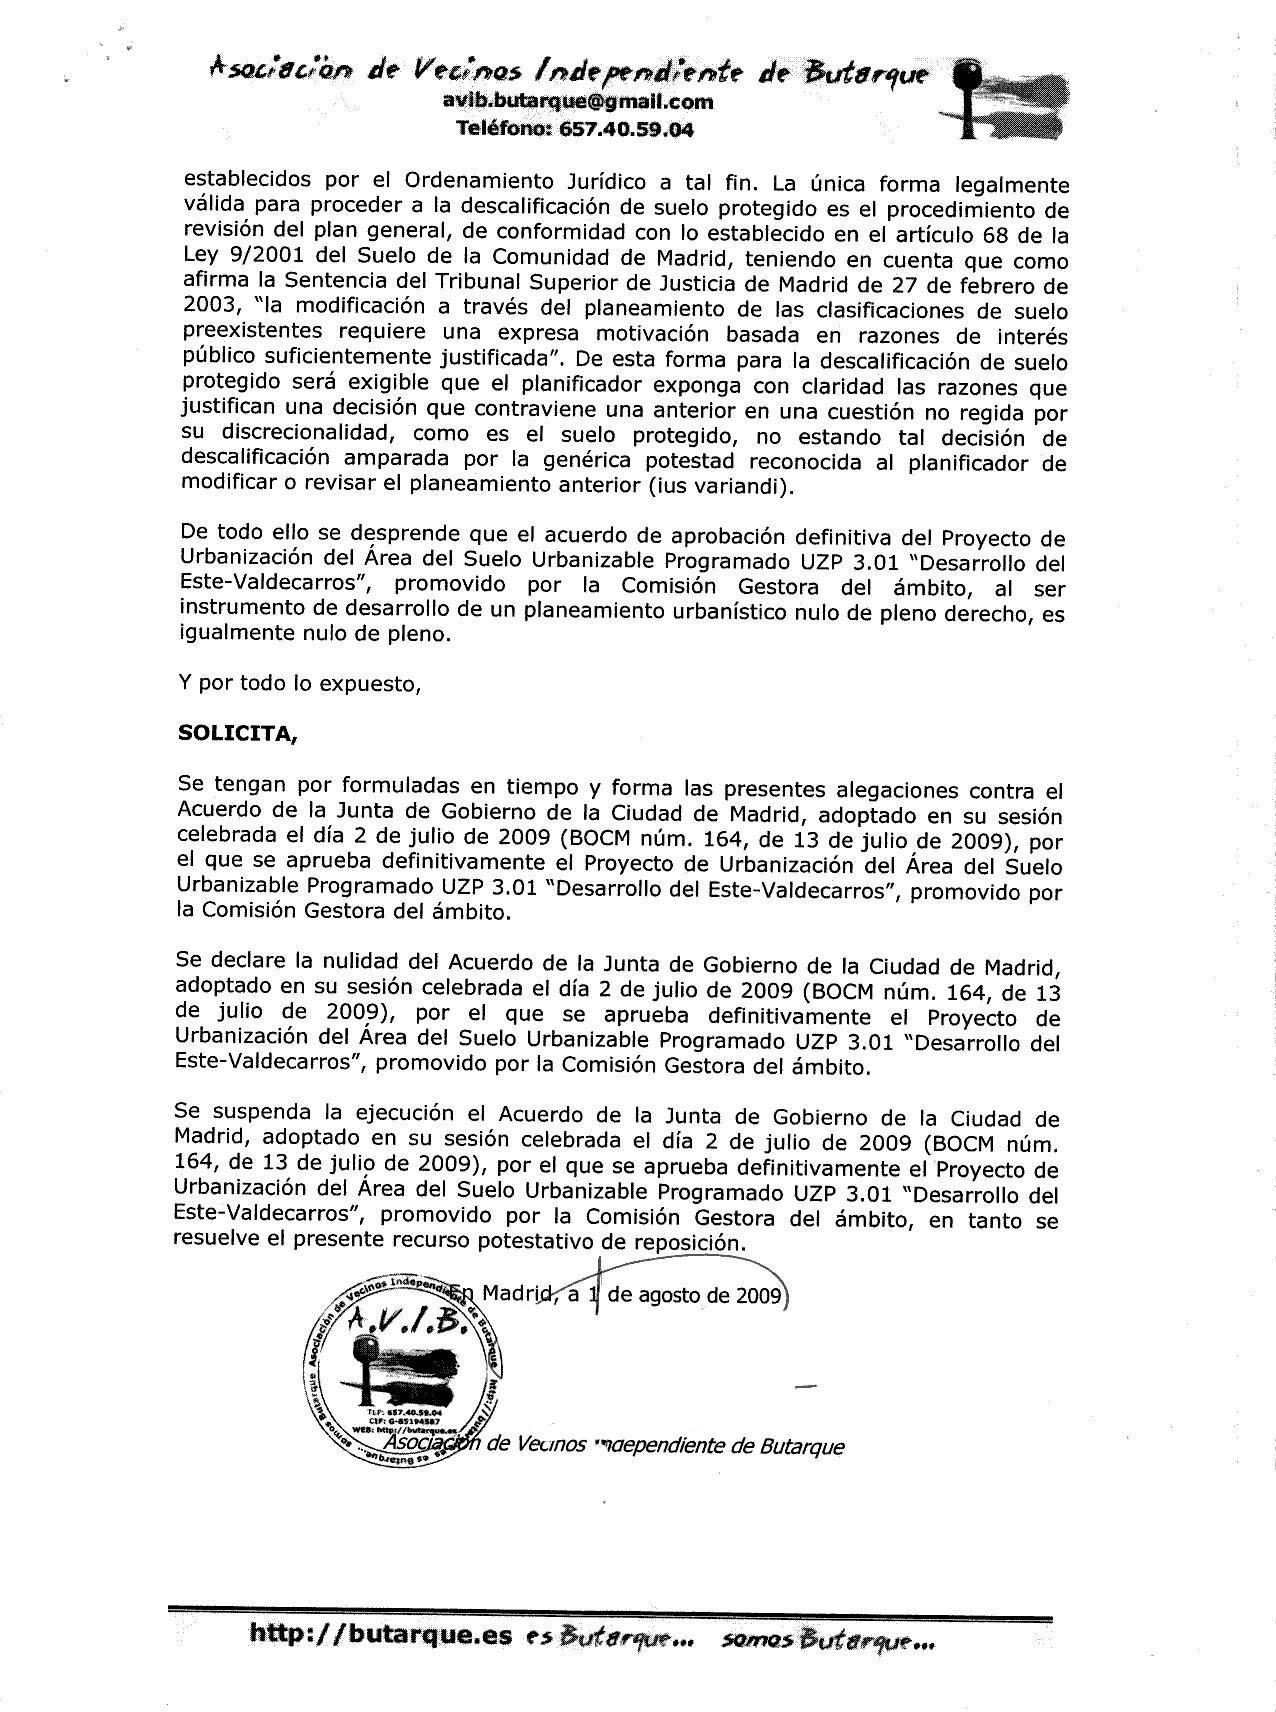 Recurso_aprobacion_Valdecarros-4.jpg